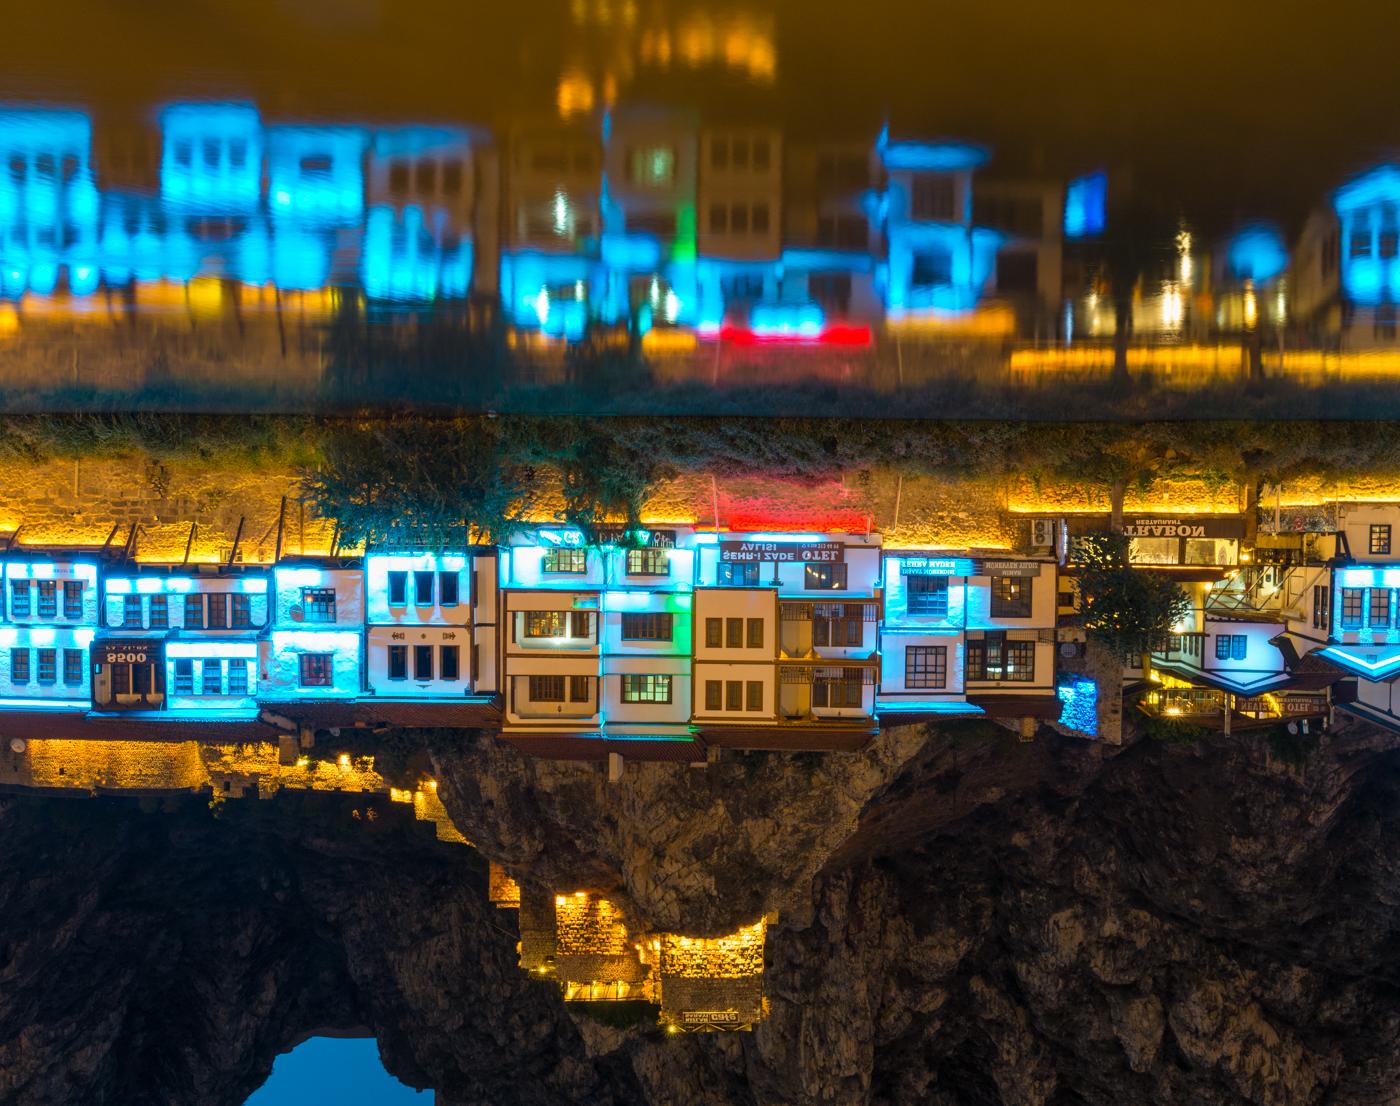 AMASYA / アマスヤの町は切り立った崖に挟まれ、町の中央を小さな川が流れる。日暮れになると旧市街は電飾され、日中と異なる姿を見せる。